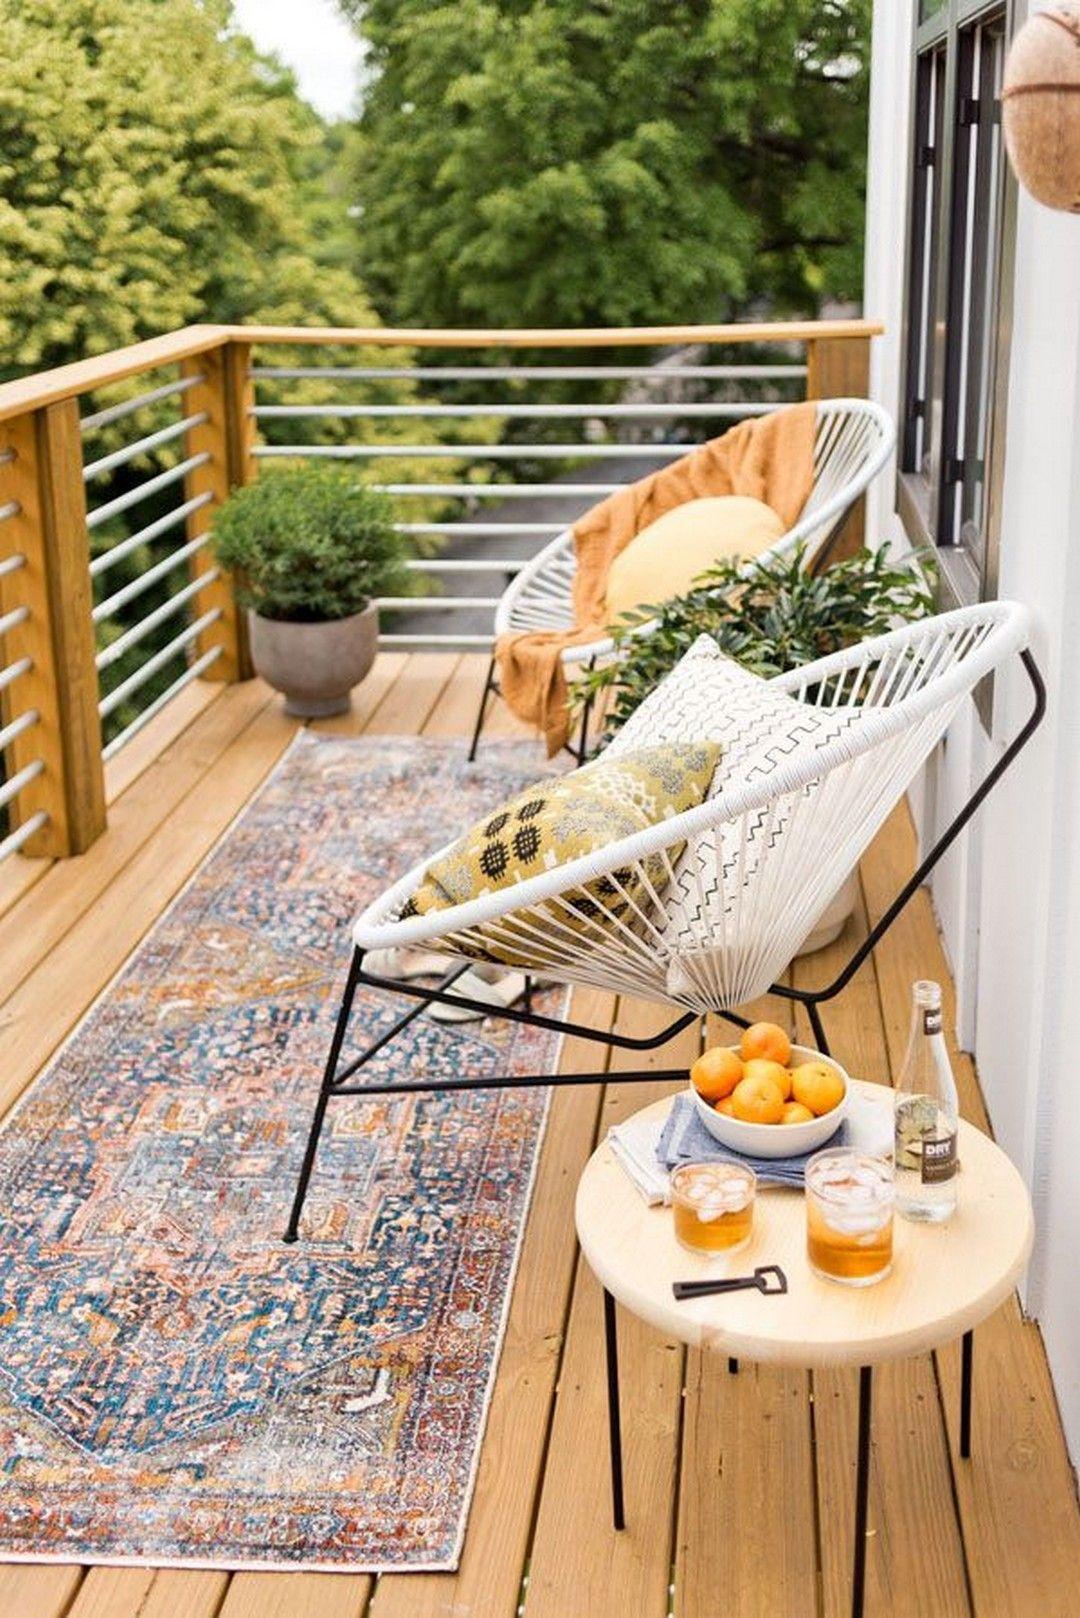 Balkonlar İçin Aksesuar Seçimi Nasıl Yapılmalı? — Dekorasyon Önerileri & Trendler | Armut Blog #smallbalconyfurniture